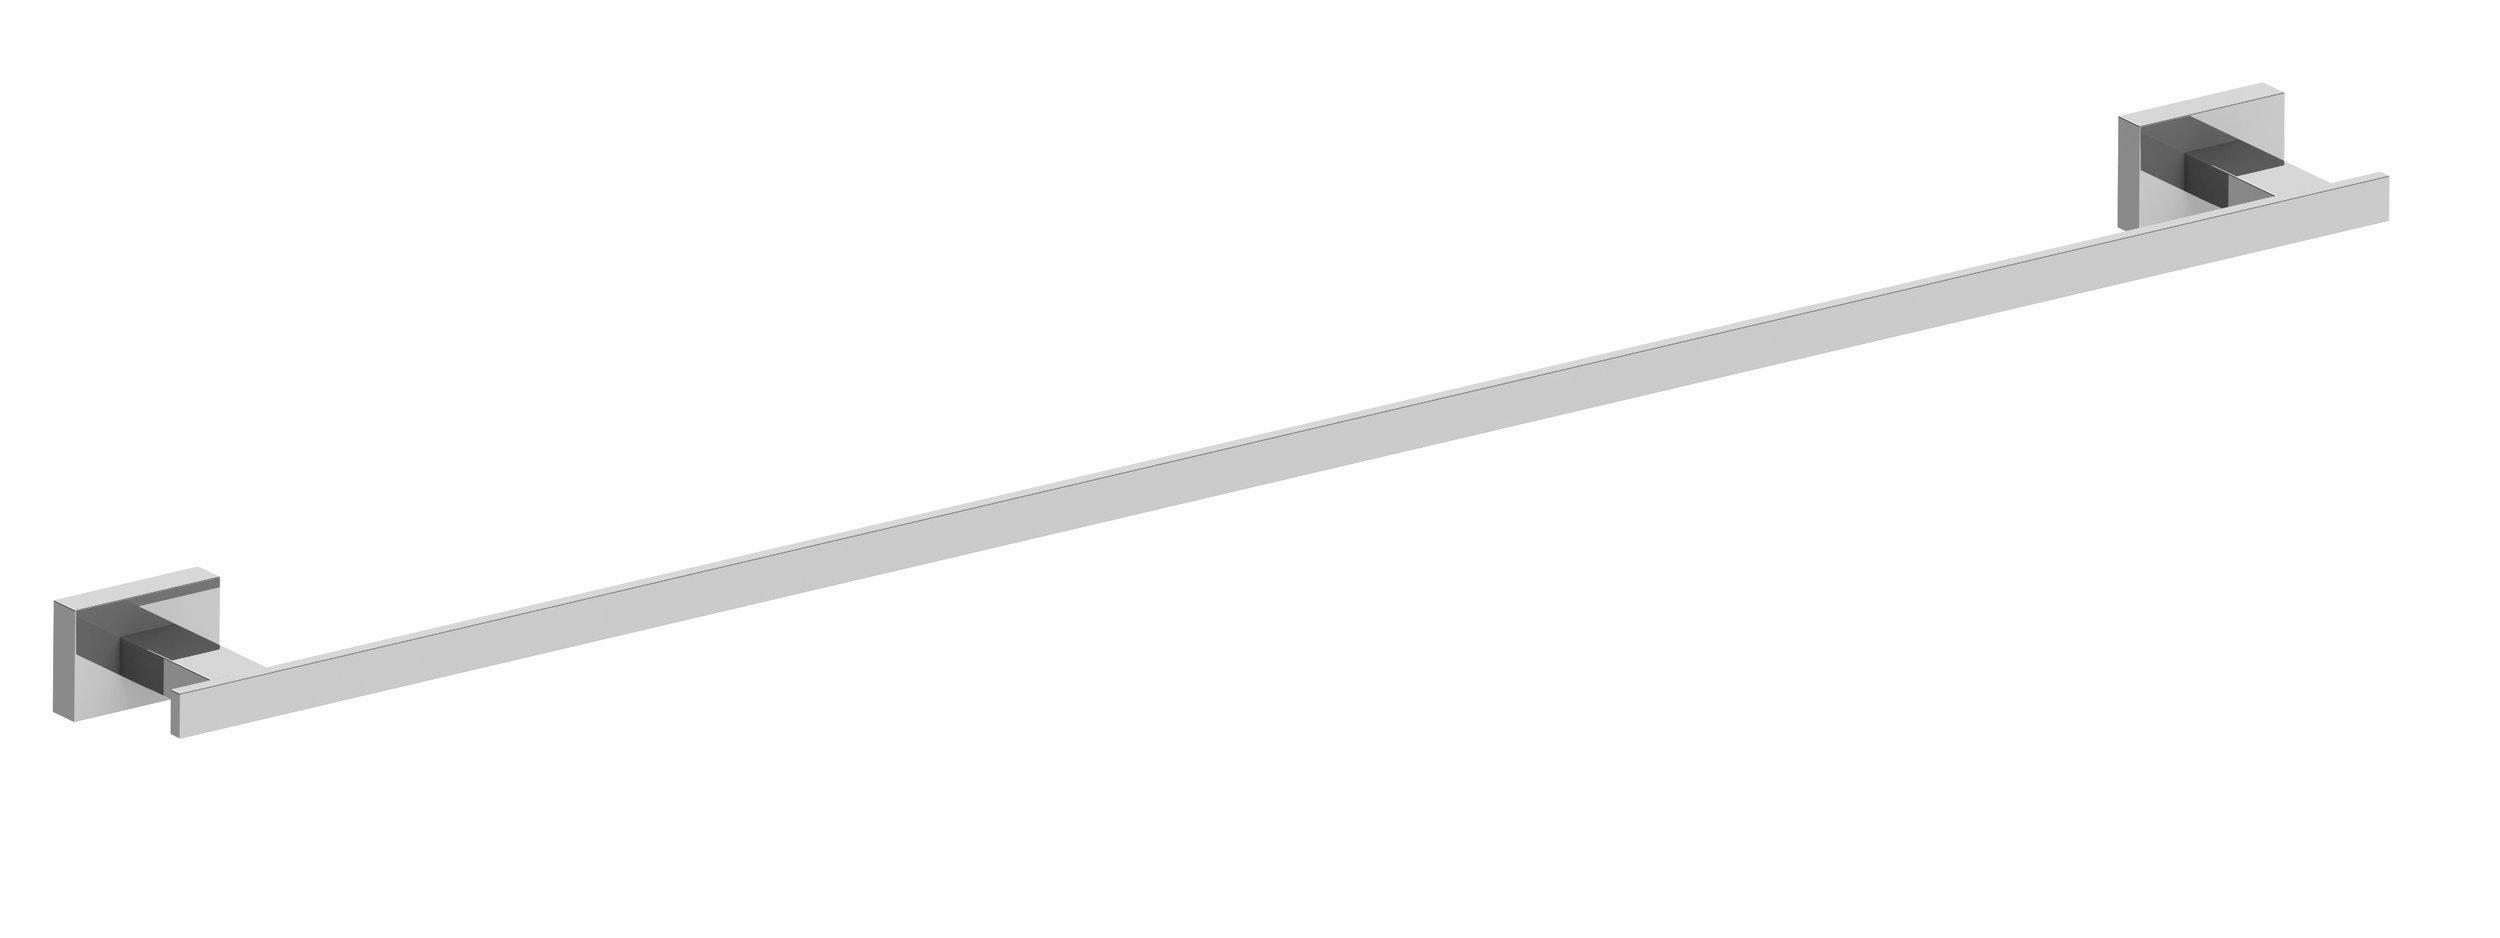 Harmony Alto Single Towel Rail